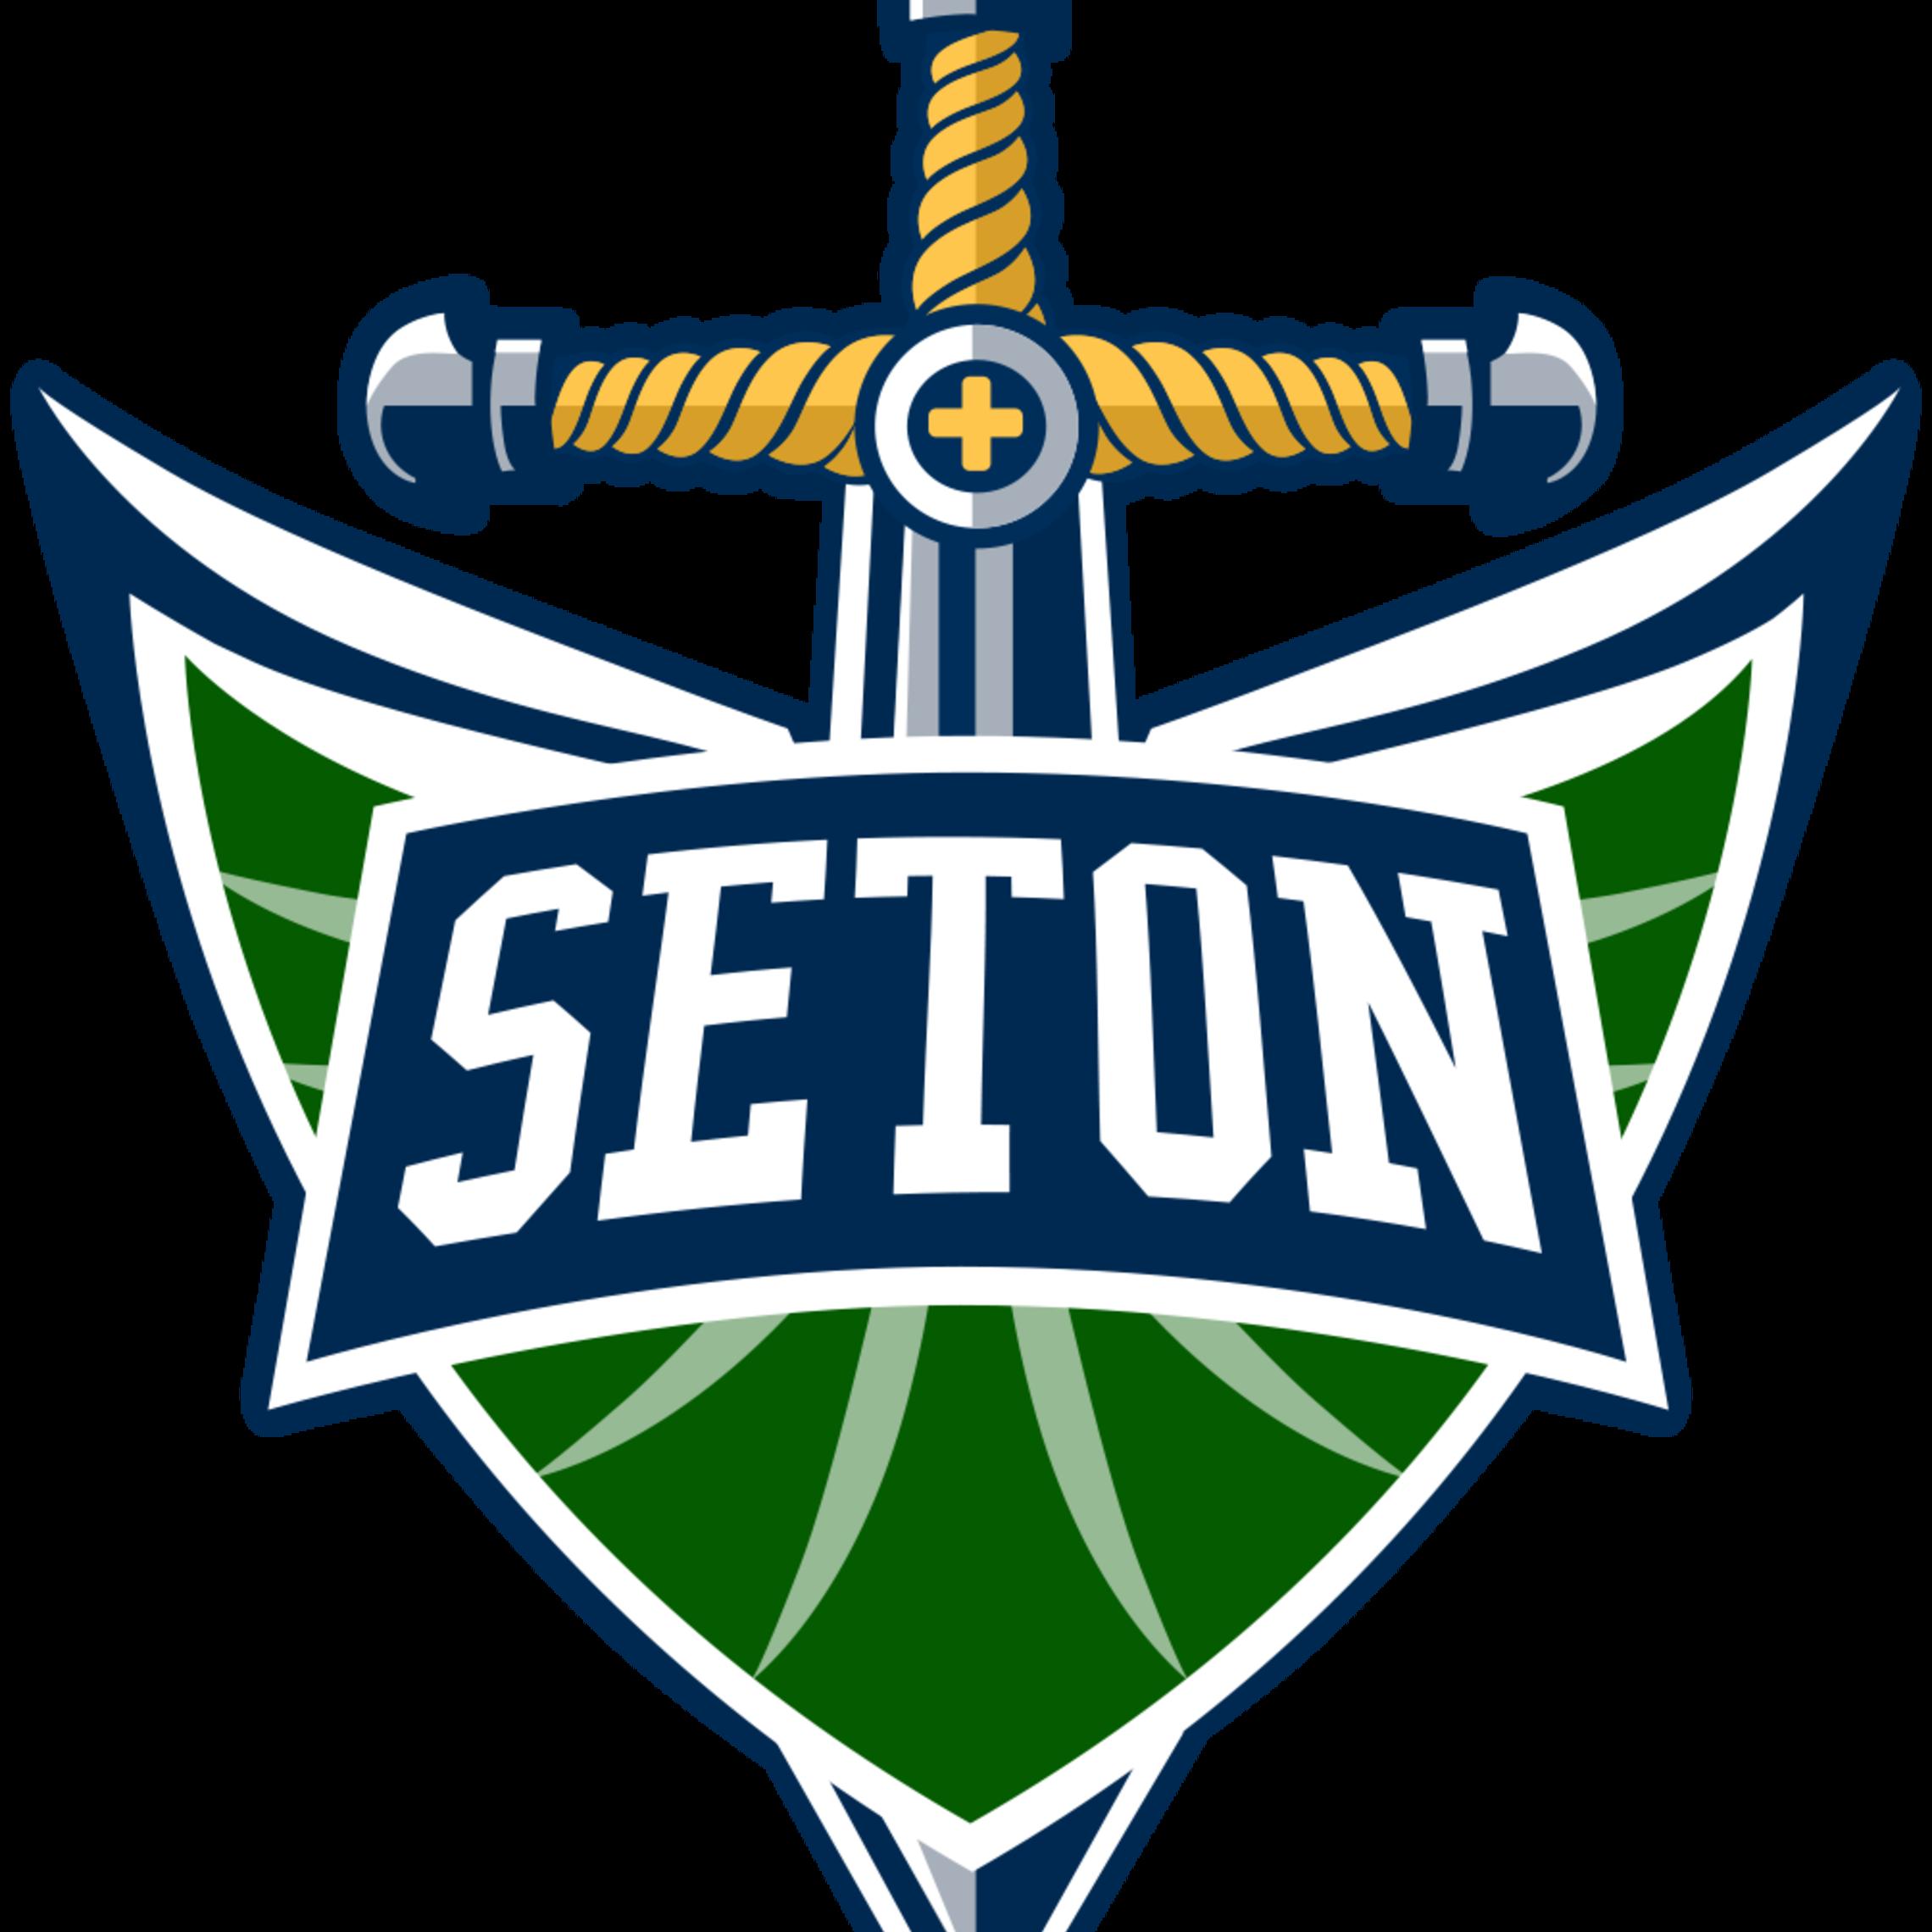 seton shield